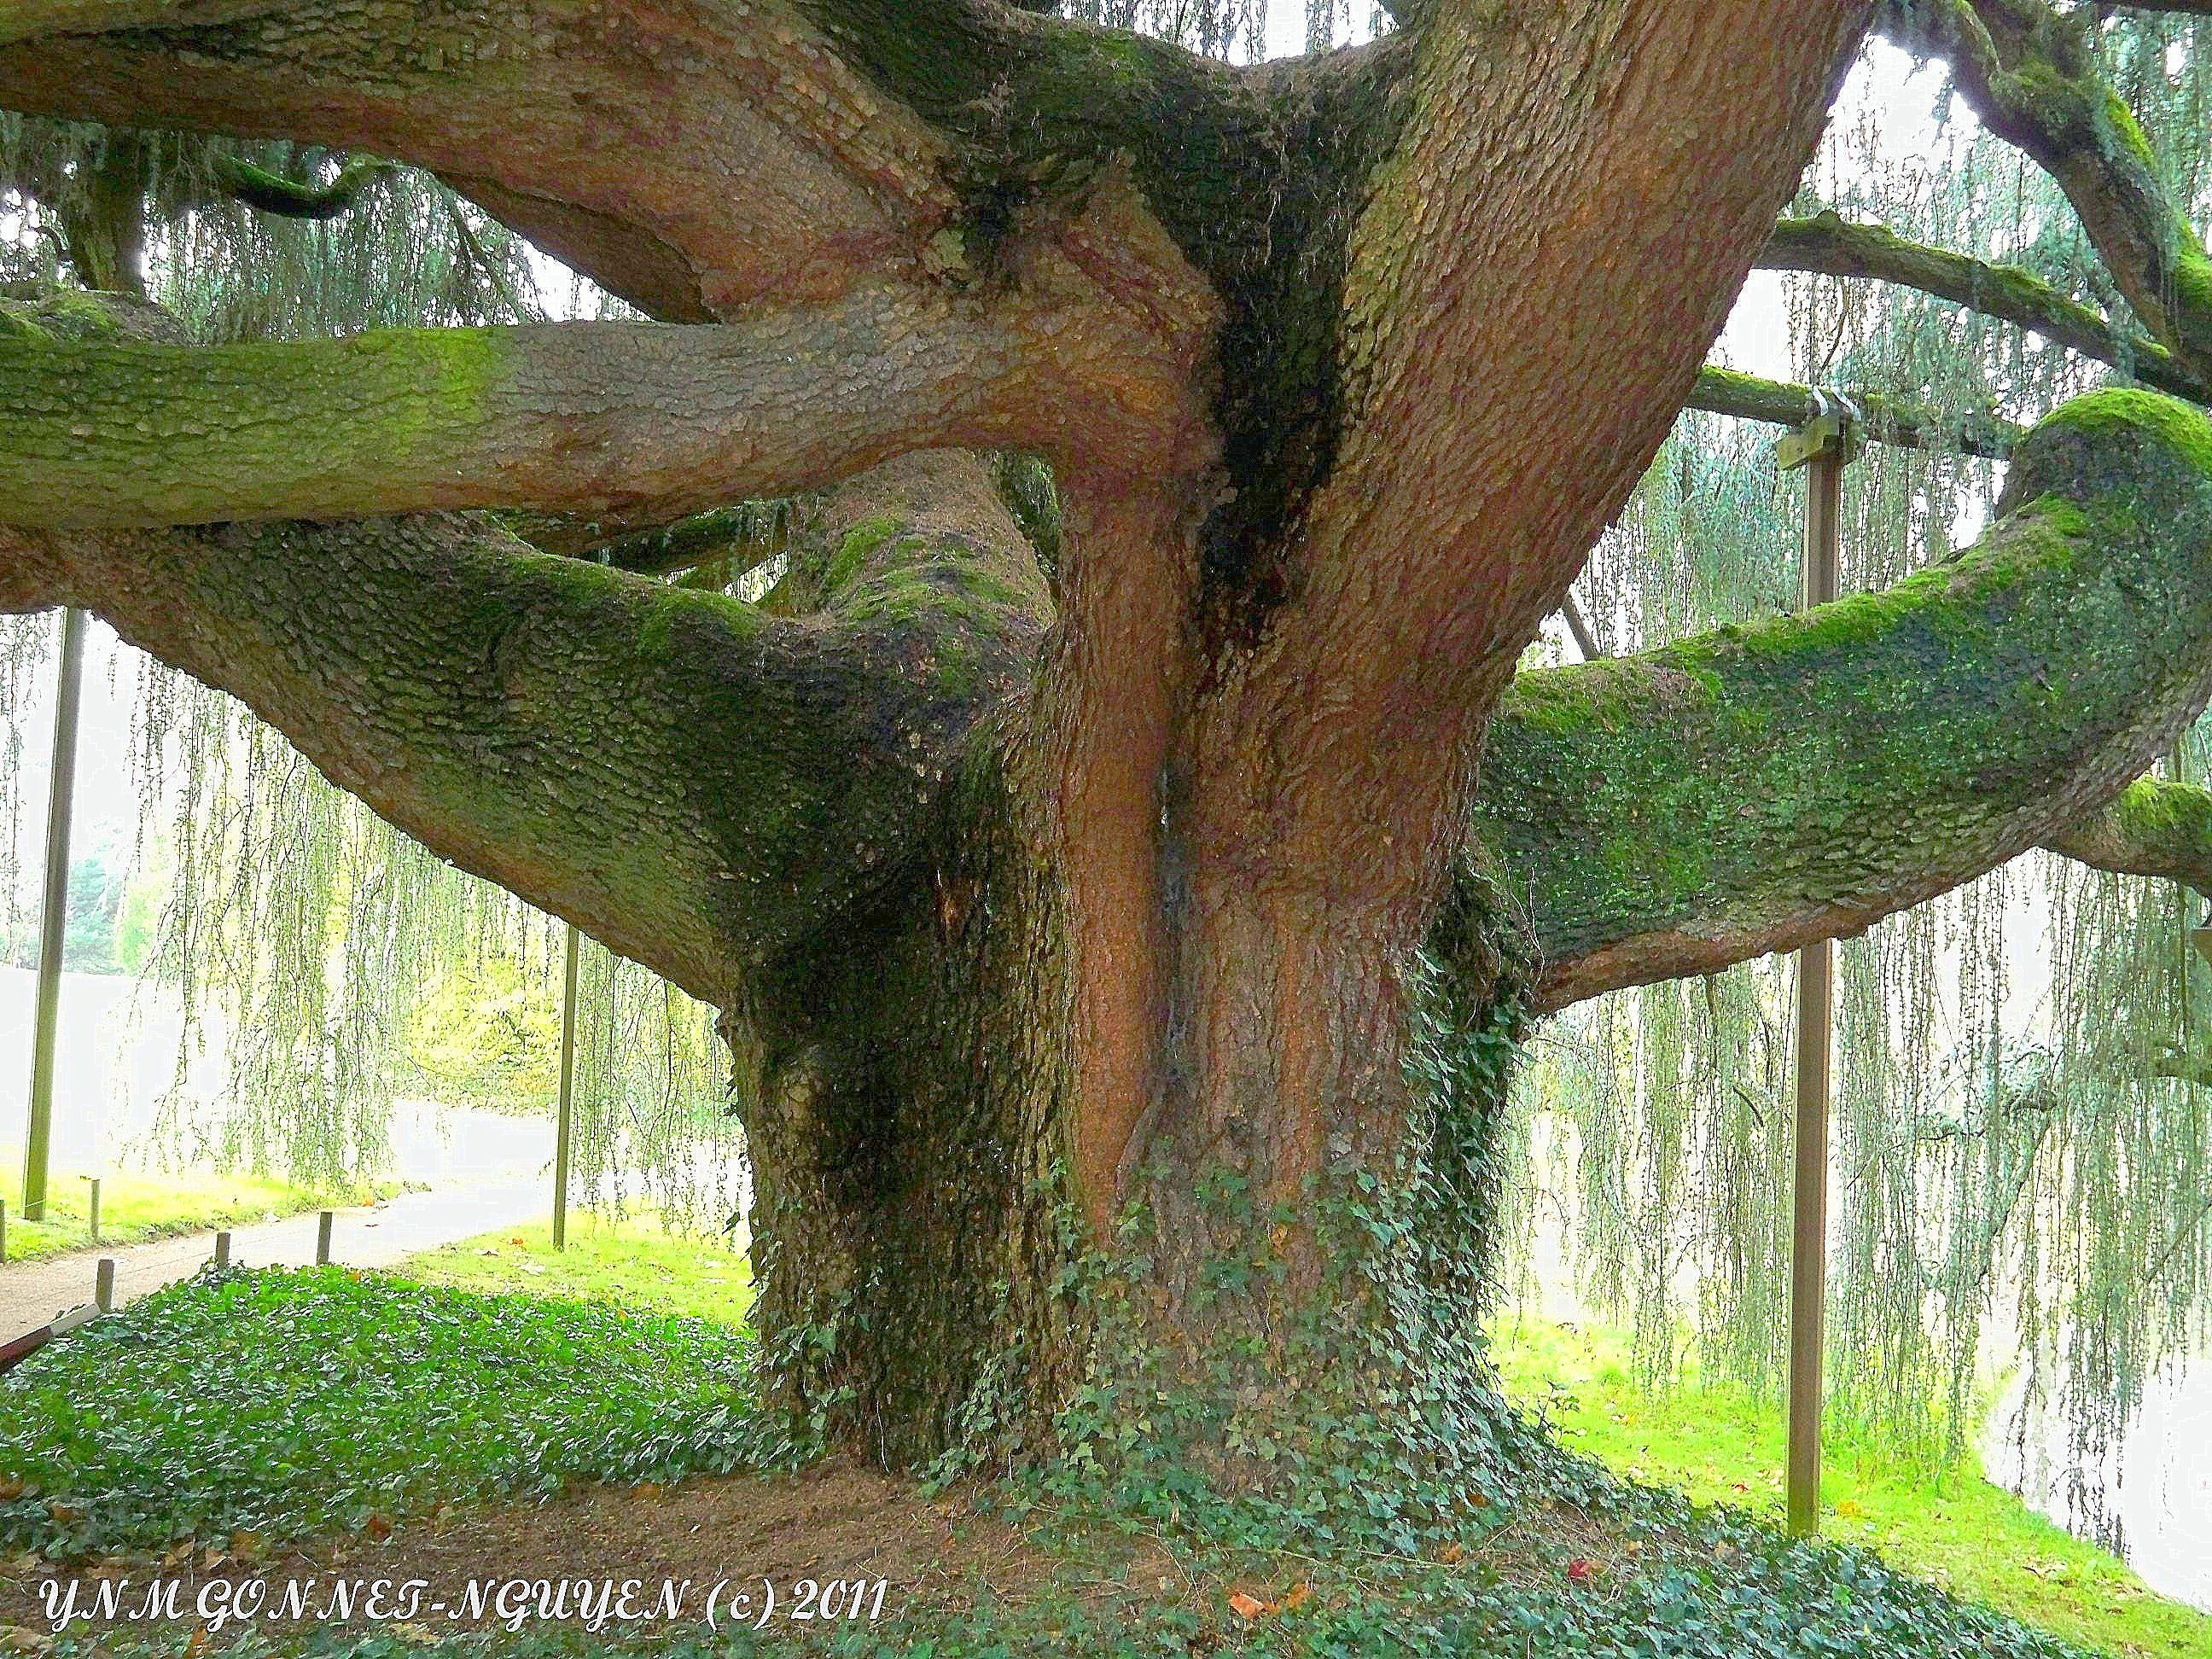 1 cedre bleu pleureur du liban arboretum de la vall e aux loups arbre v n rable remarquable - Cedre bleu du liban ...